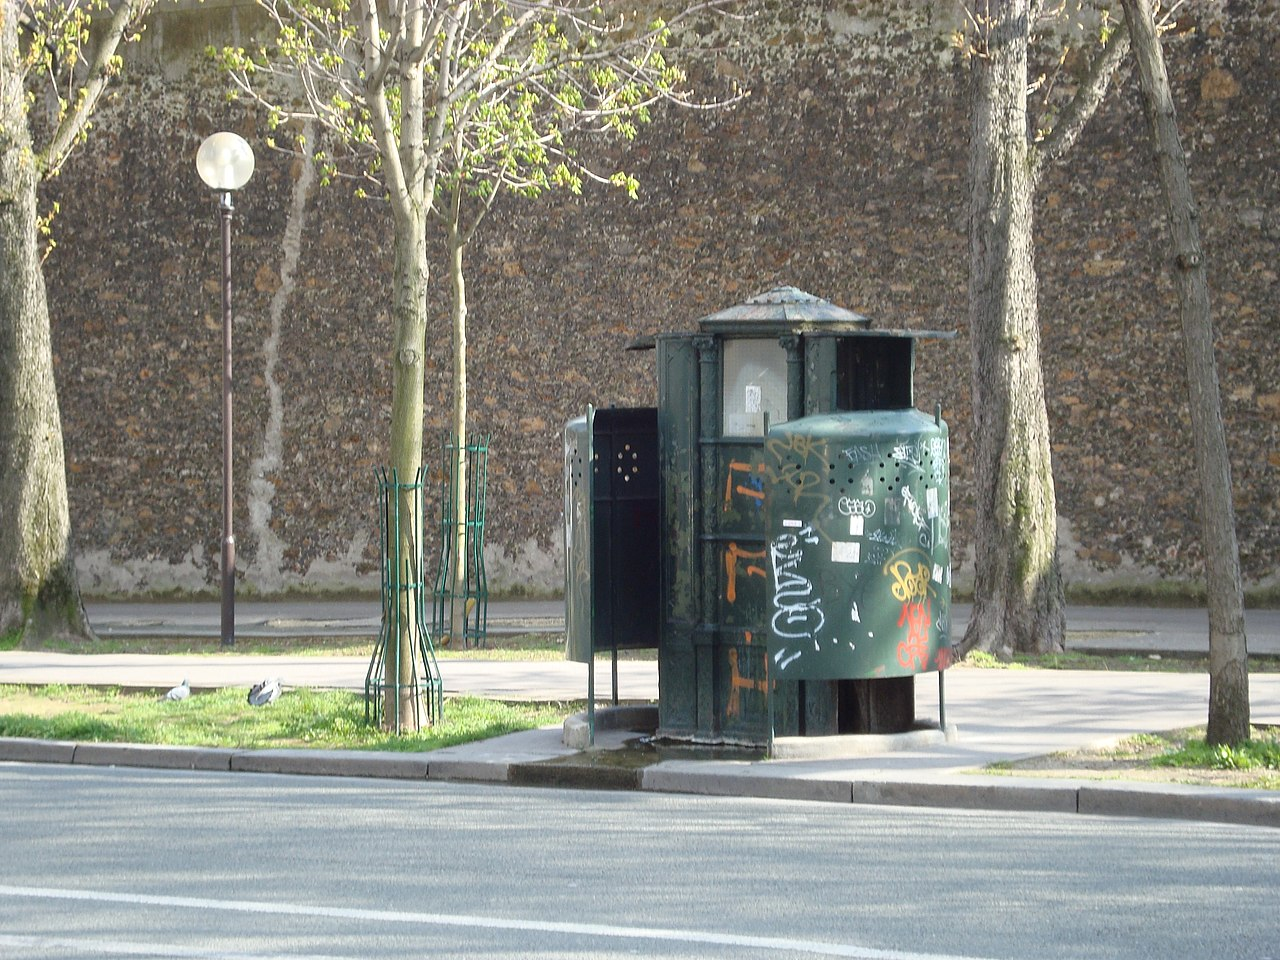 STREET VIEW : la dernière vespasienne de Bruxelles 1280px-Vespasienne_Arago